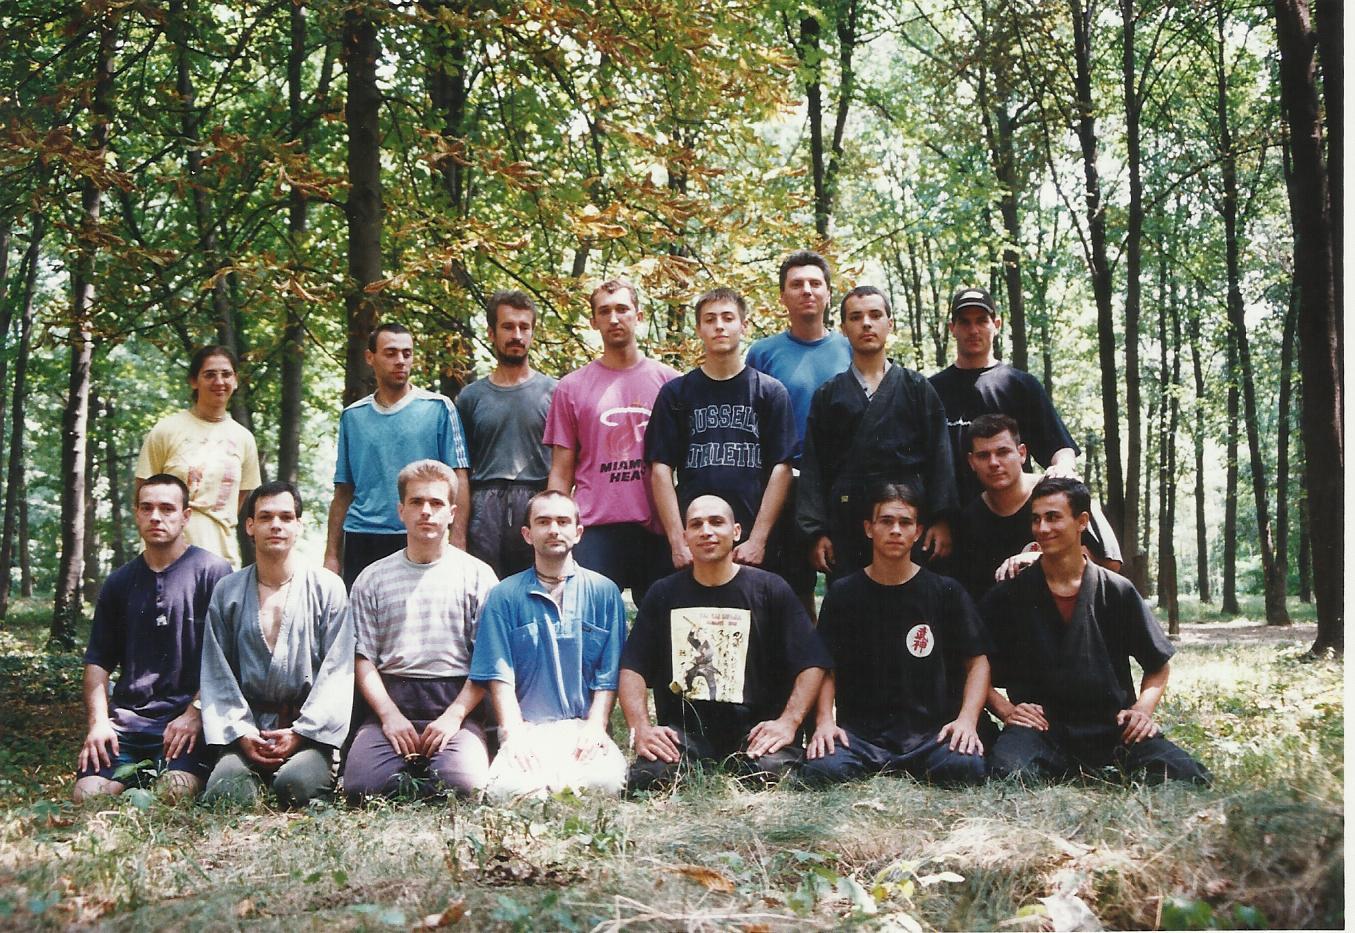 bujinkan ninjutsu borilačka veština ninja kamp